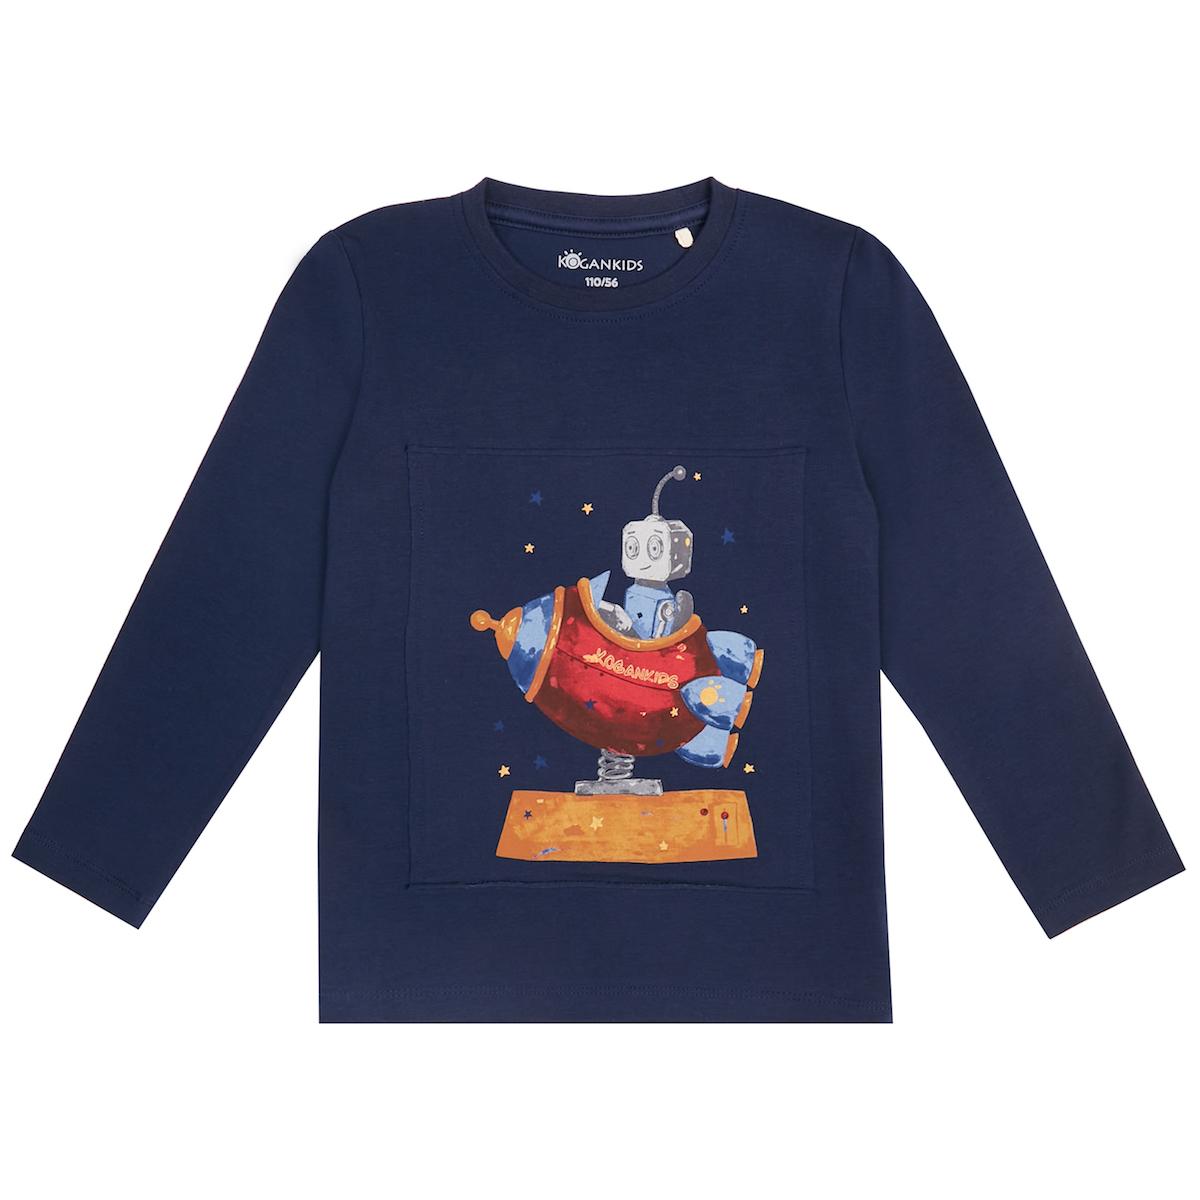 Тёмно-синий джемпер для мальчика с роботом